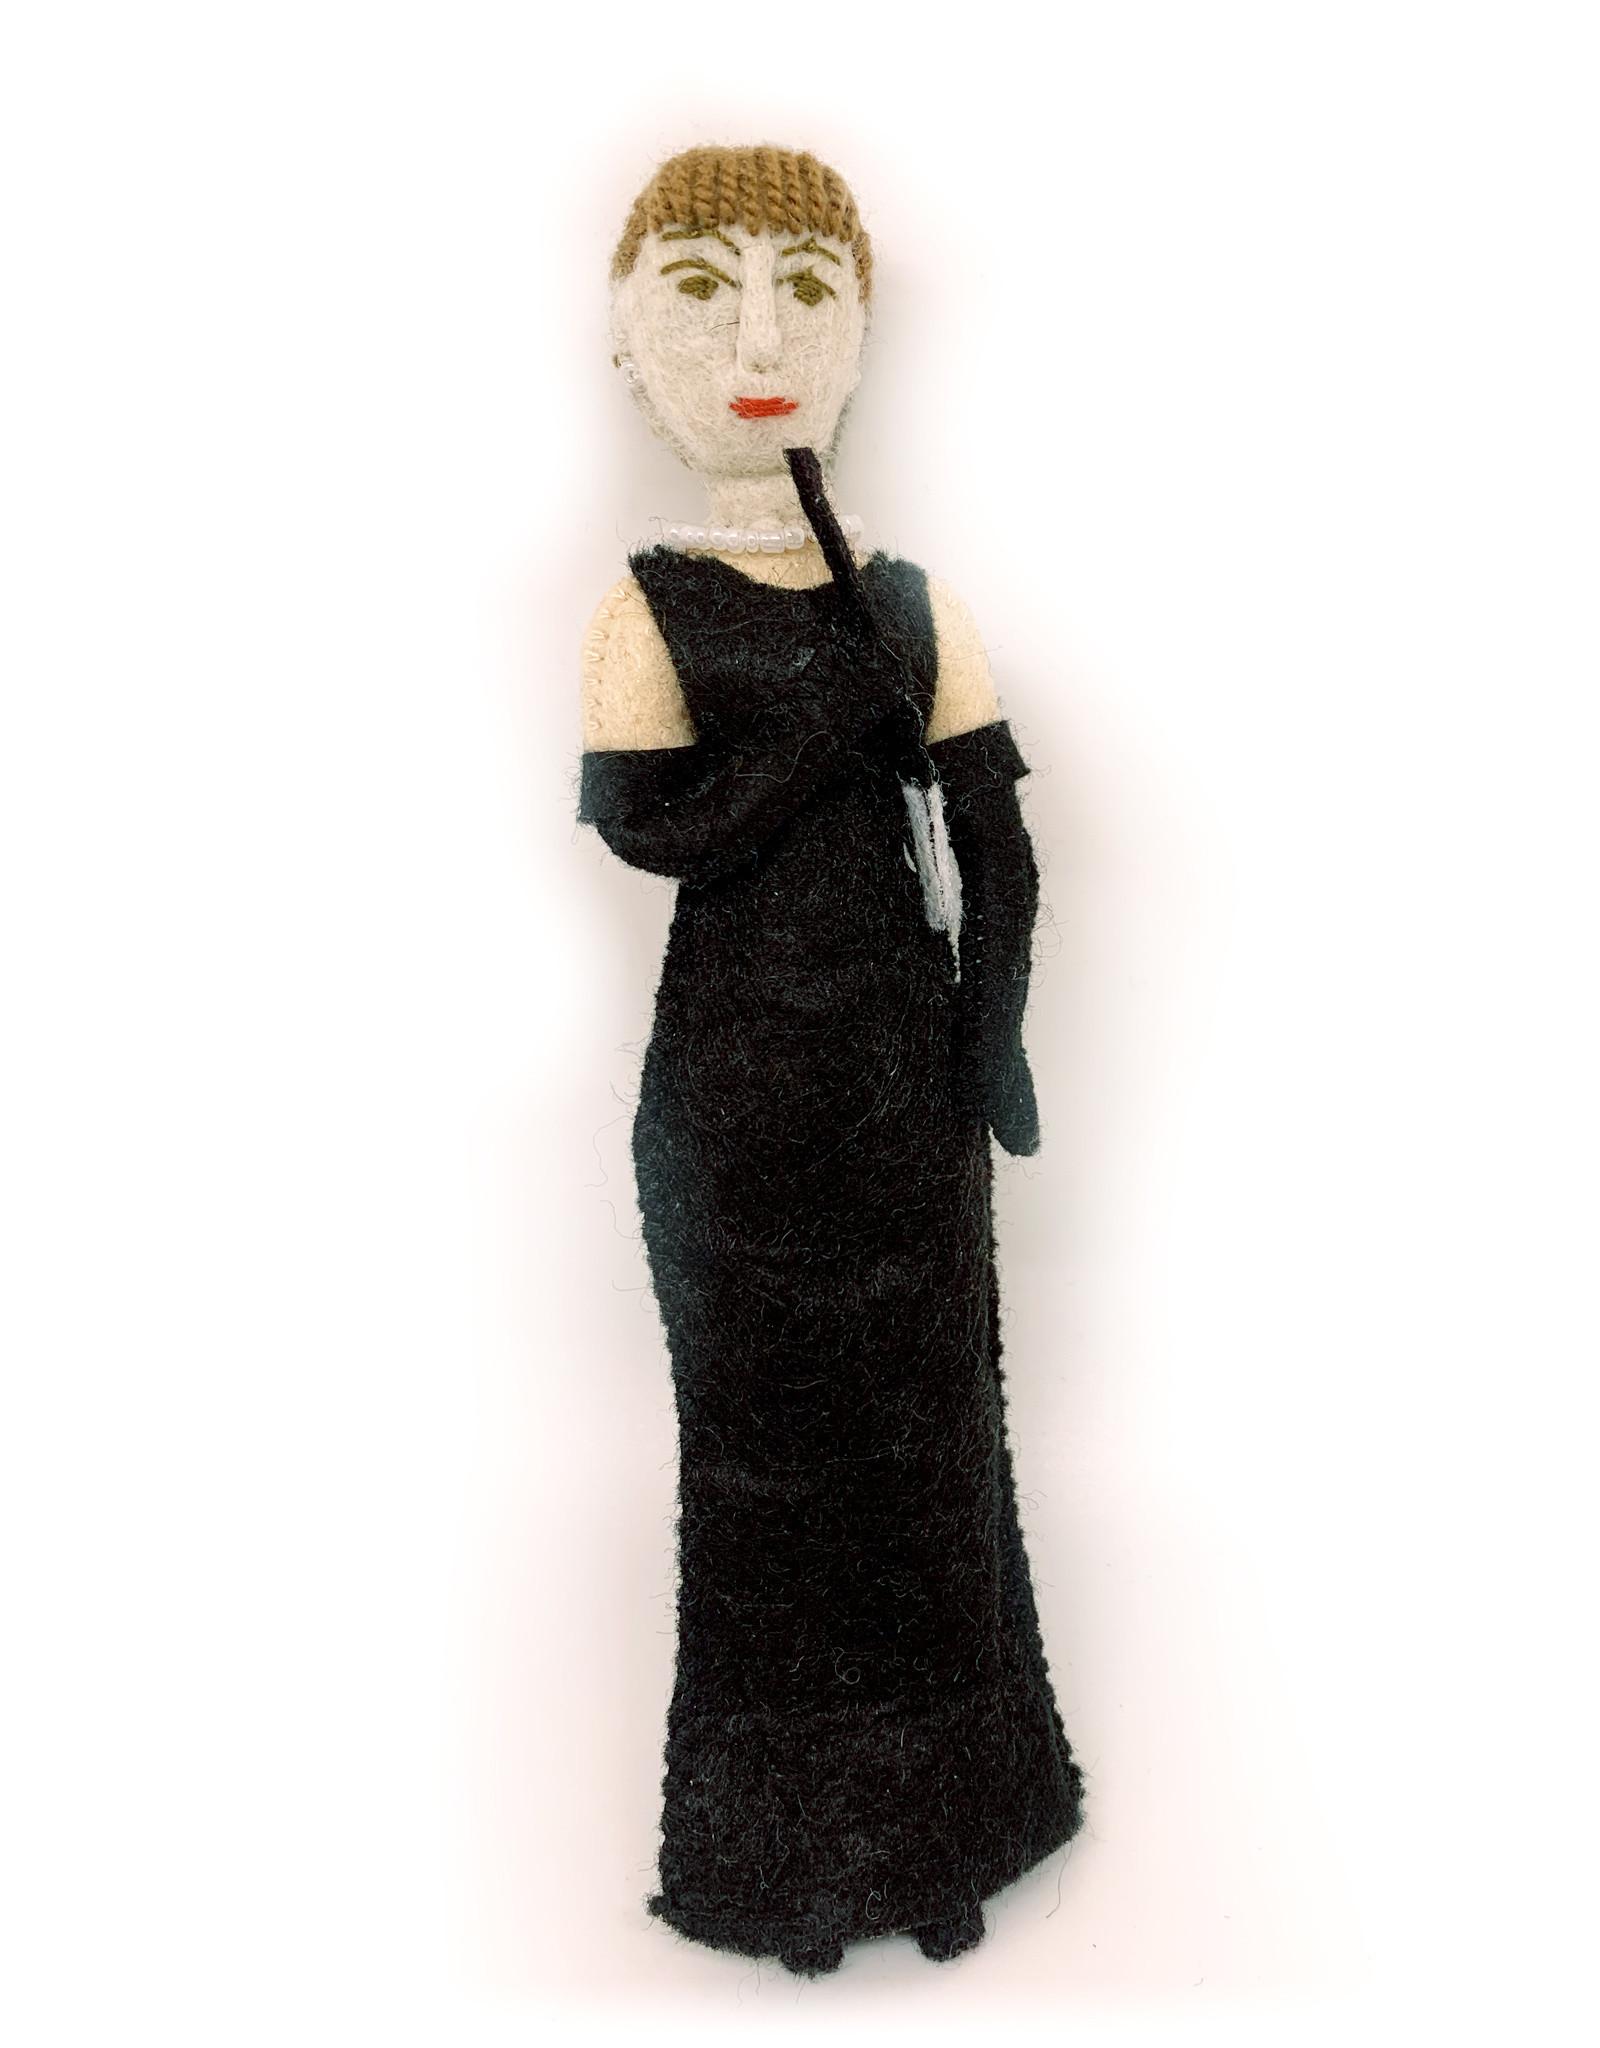 Felt Audrey Hepburn Doll